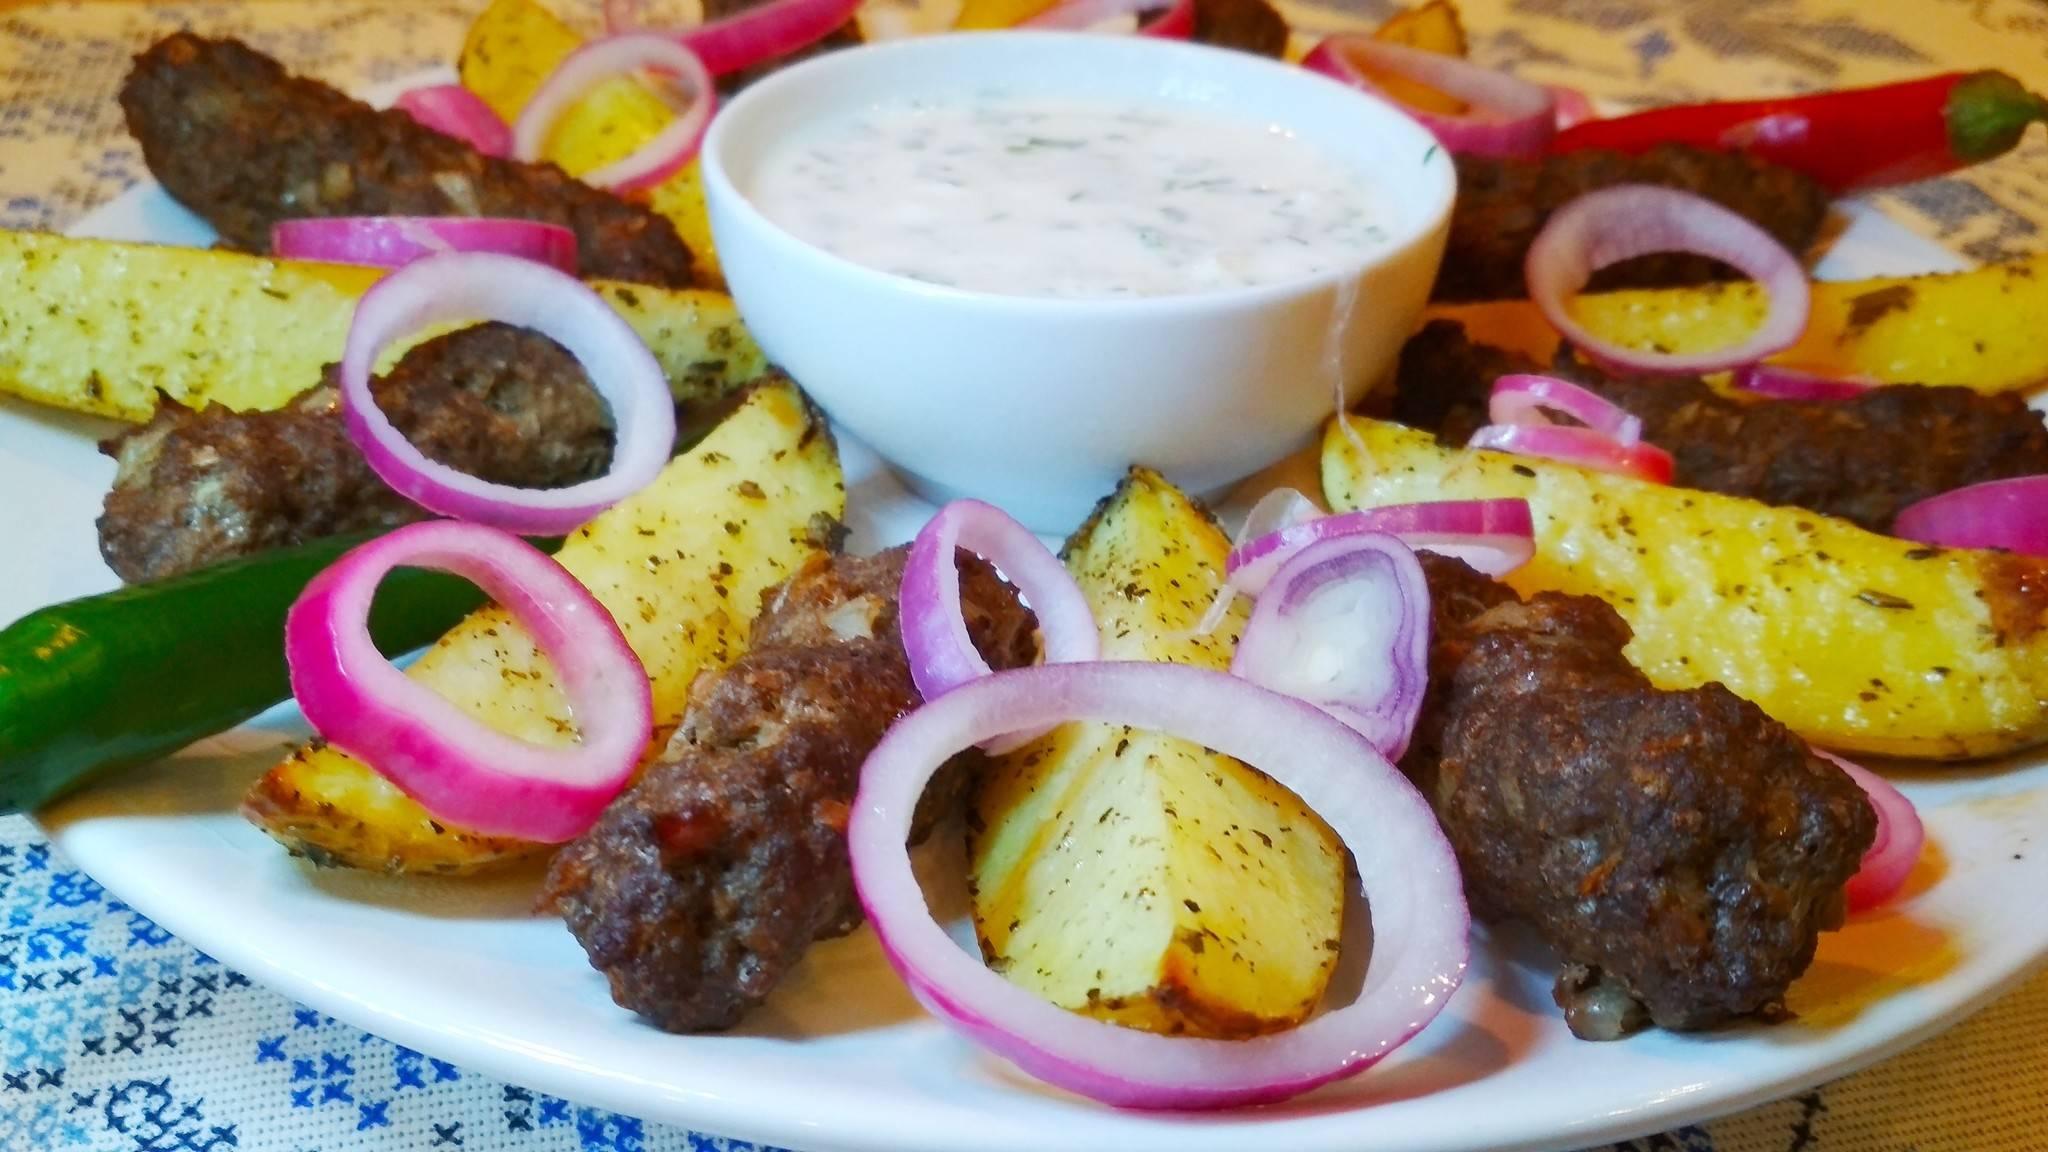 Как приготовить тефтели с грибным соусом и картофелем по-деревенски